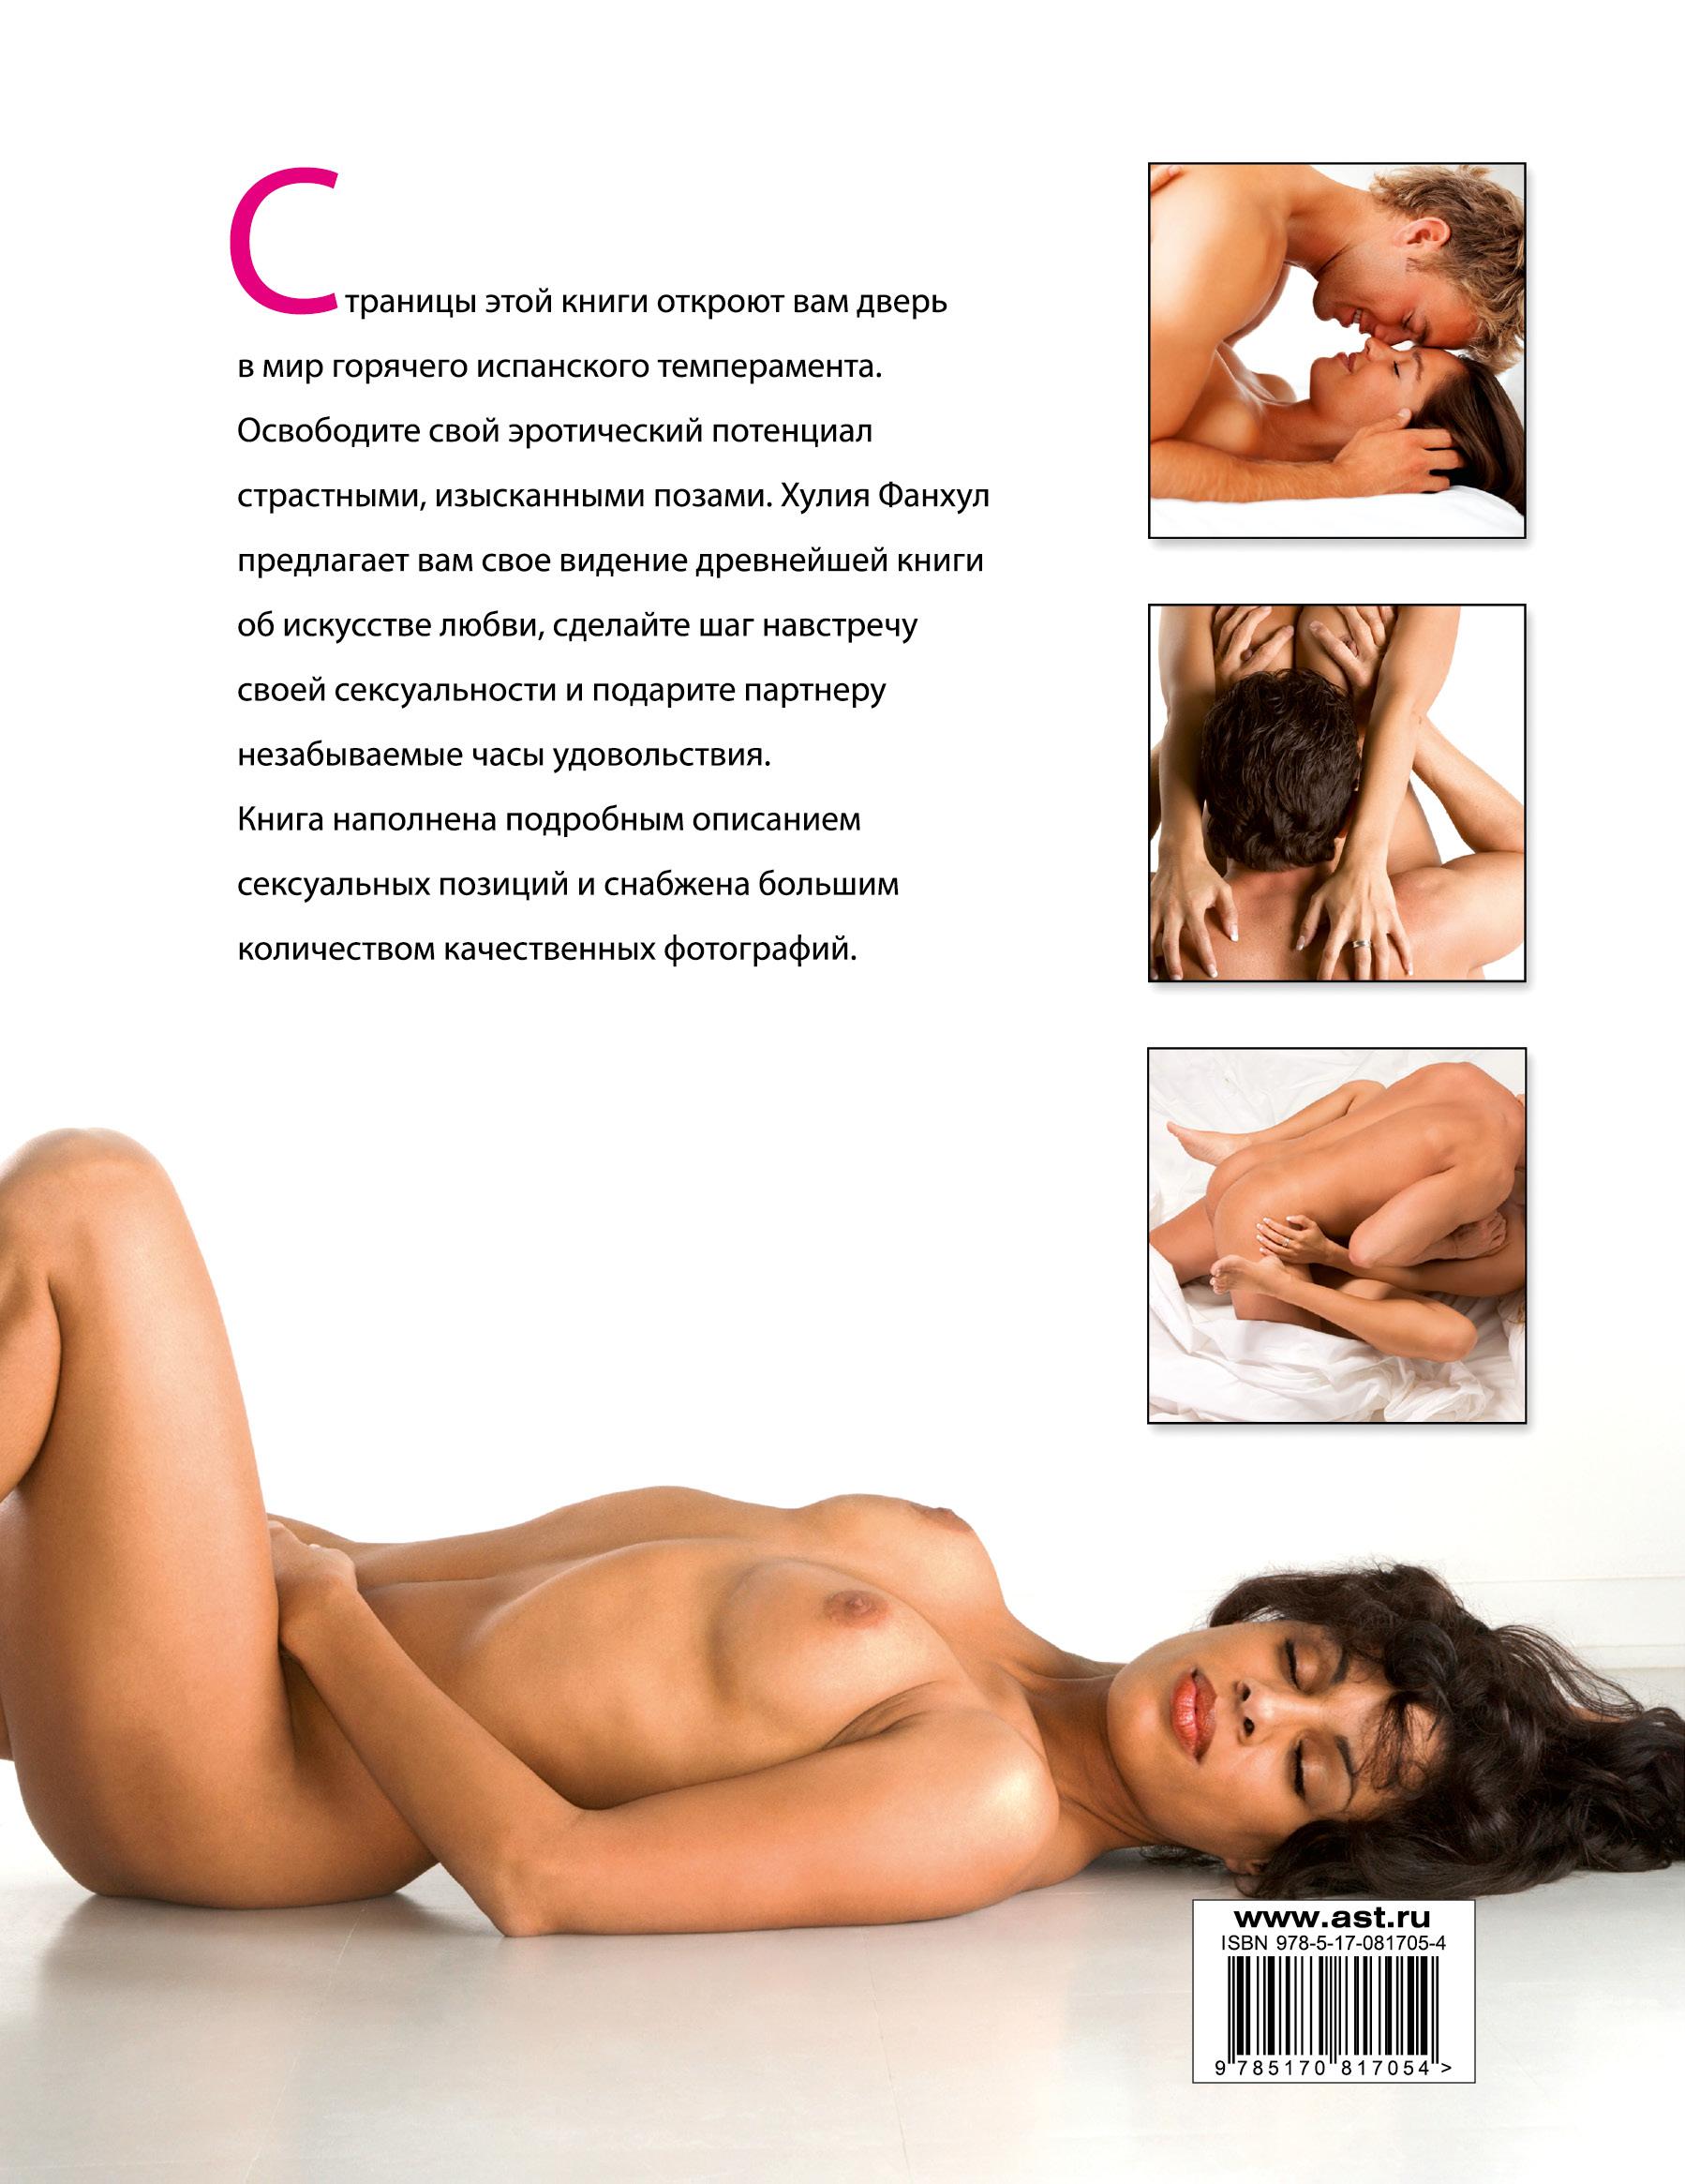 сексуальные истории про онлайн книга